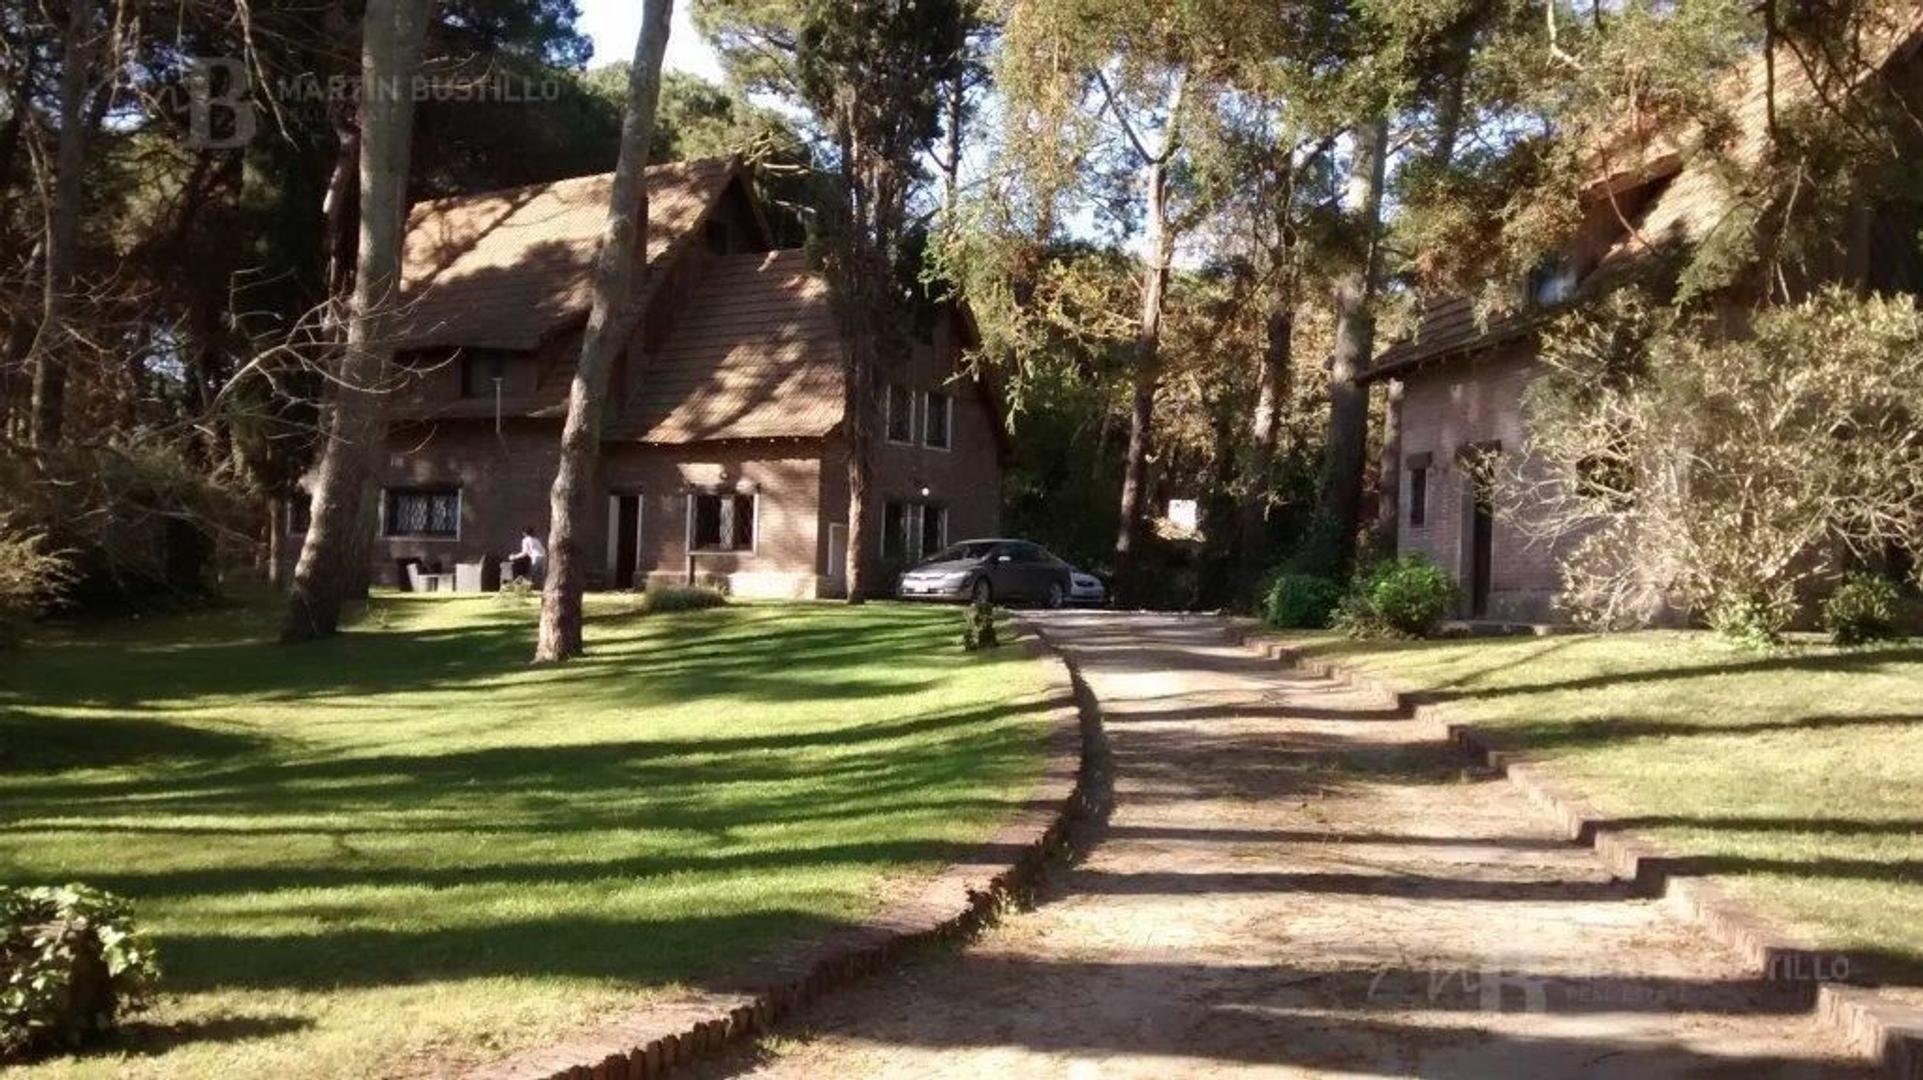 Casa en venta en Carilo sobre 3 lotes